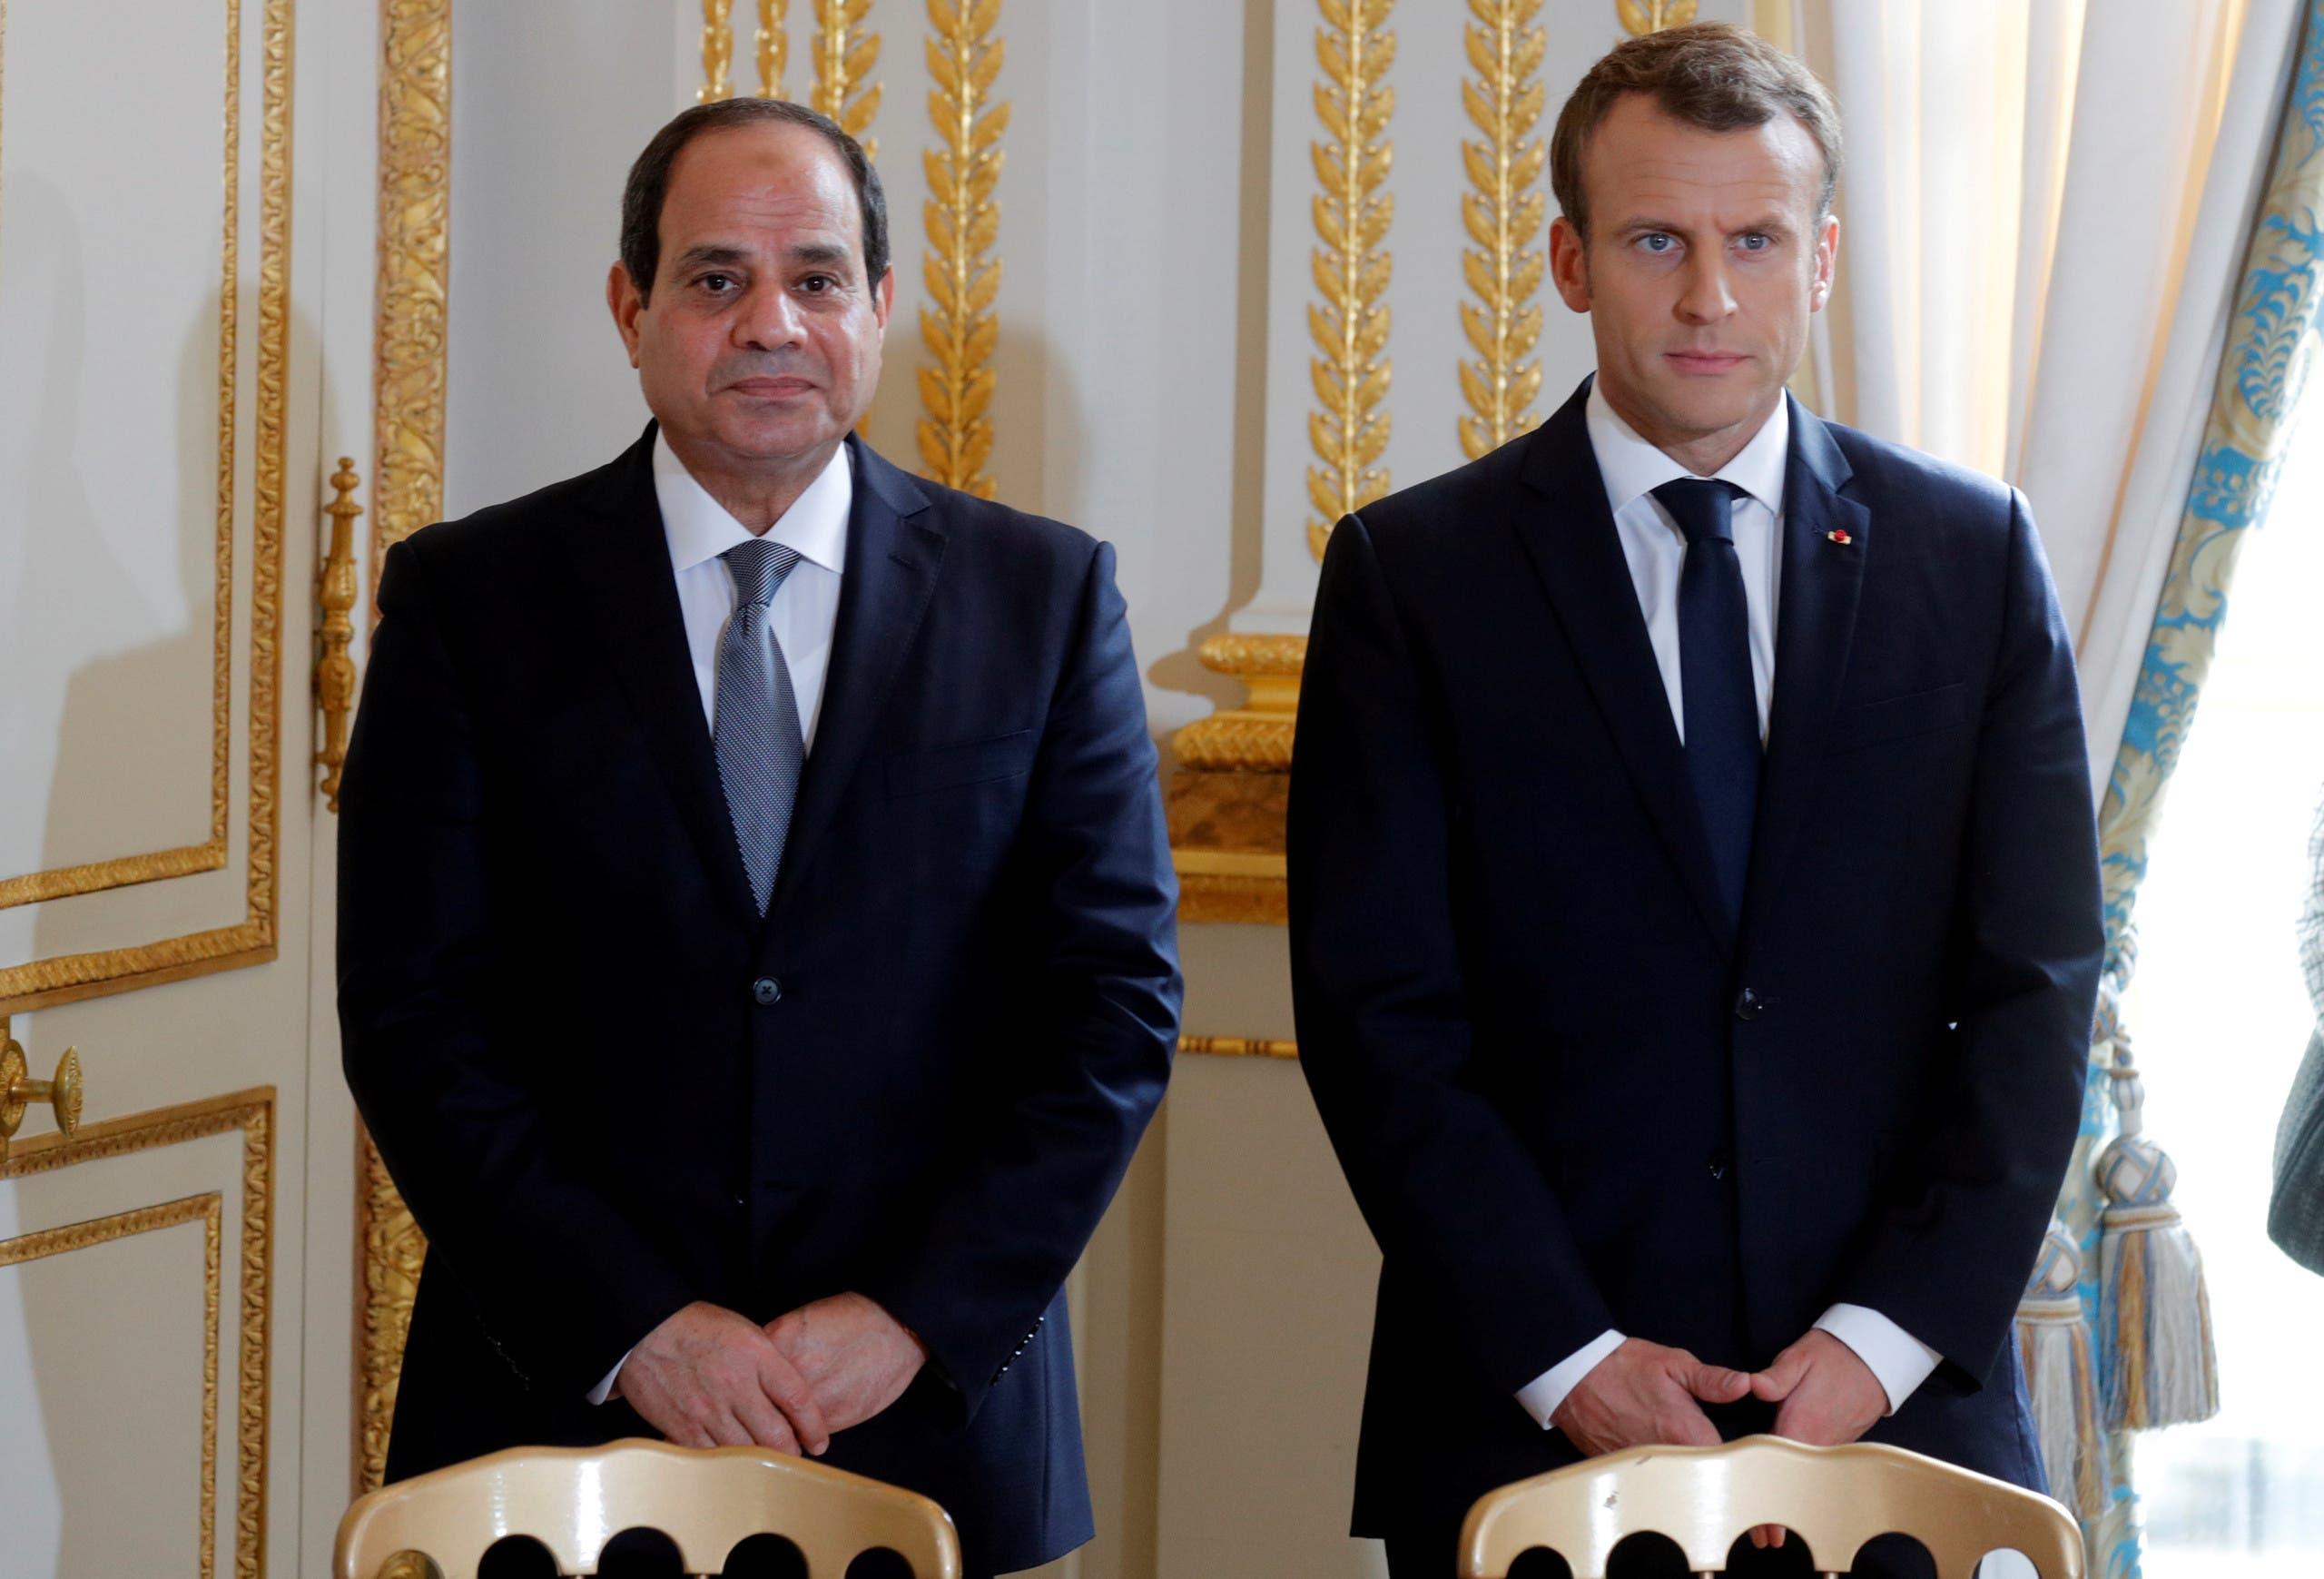 الرئيسان الفرنسي إيمانويل ماكرون والمصري عبدالفتاح السيسي